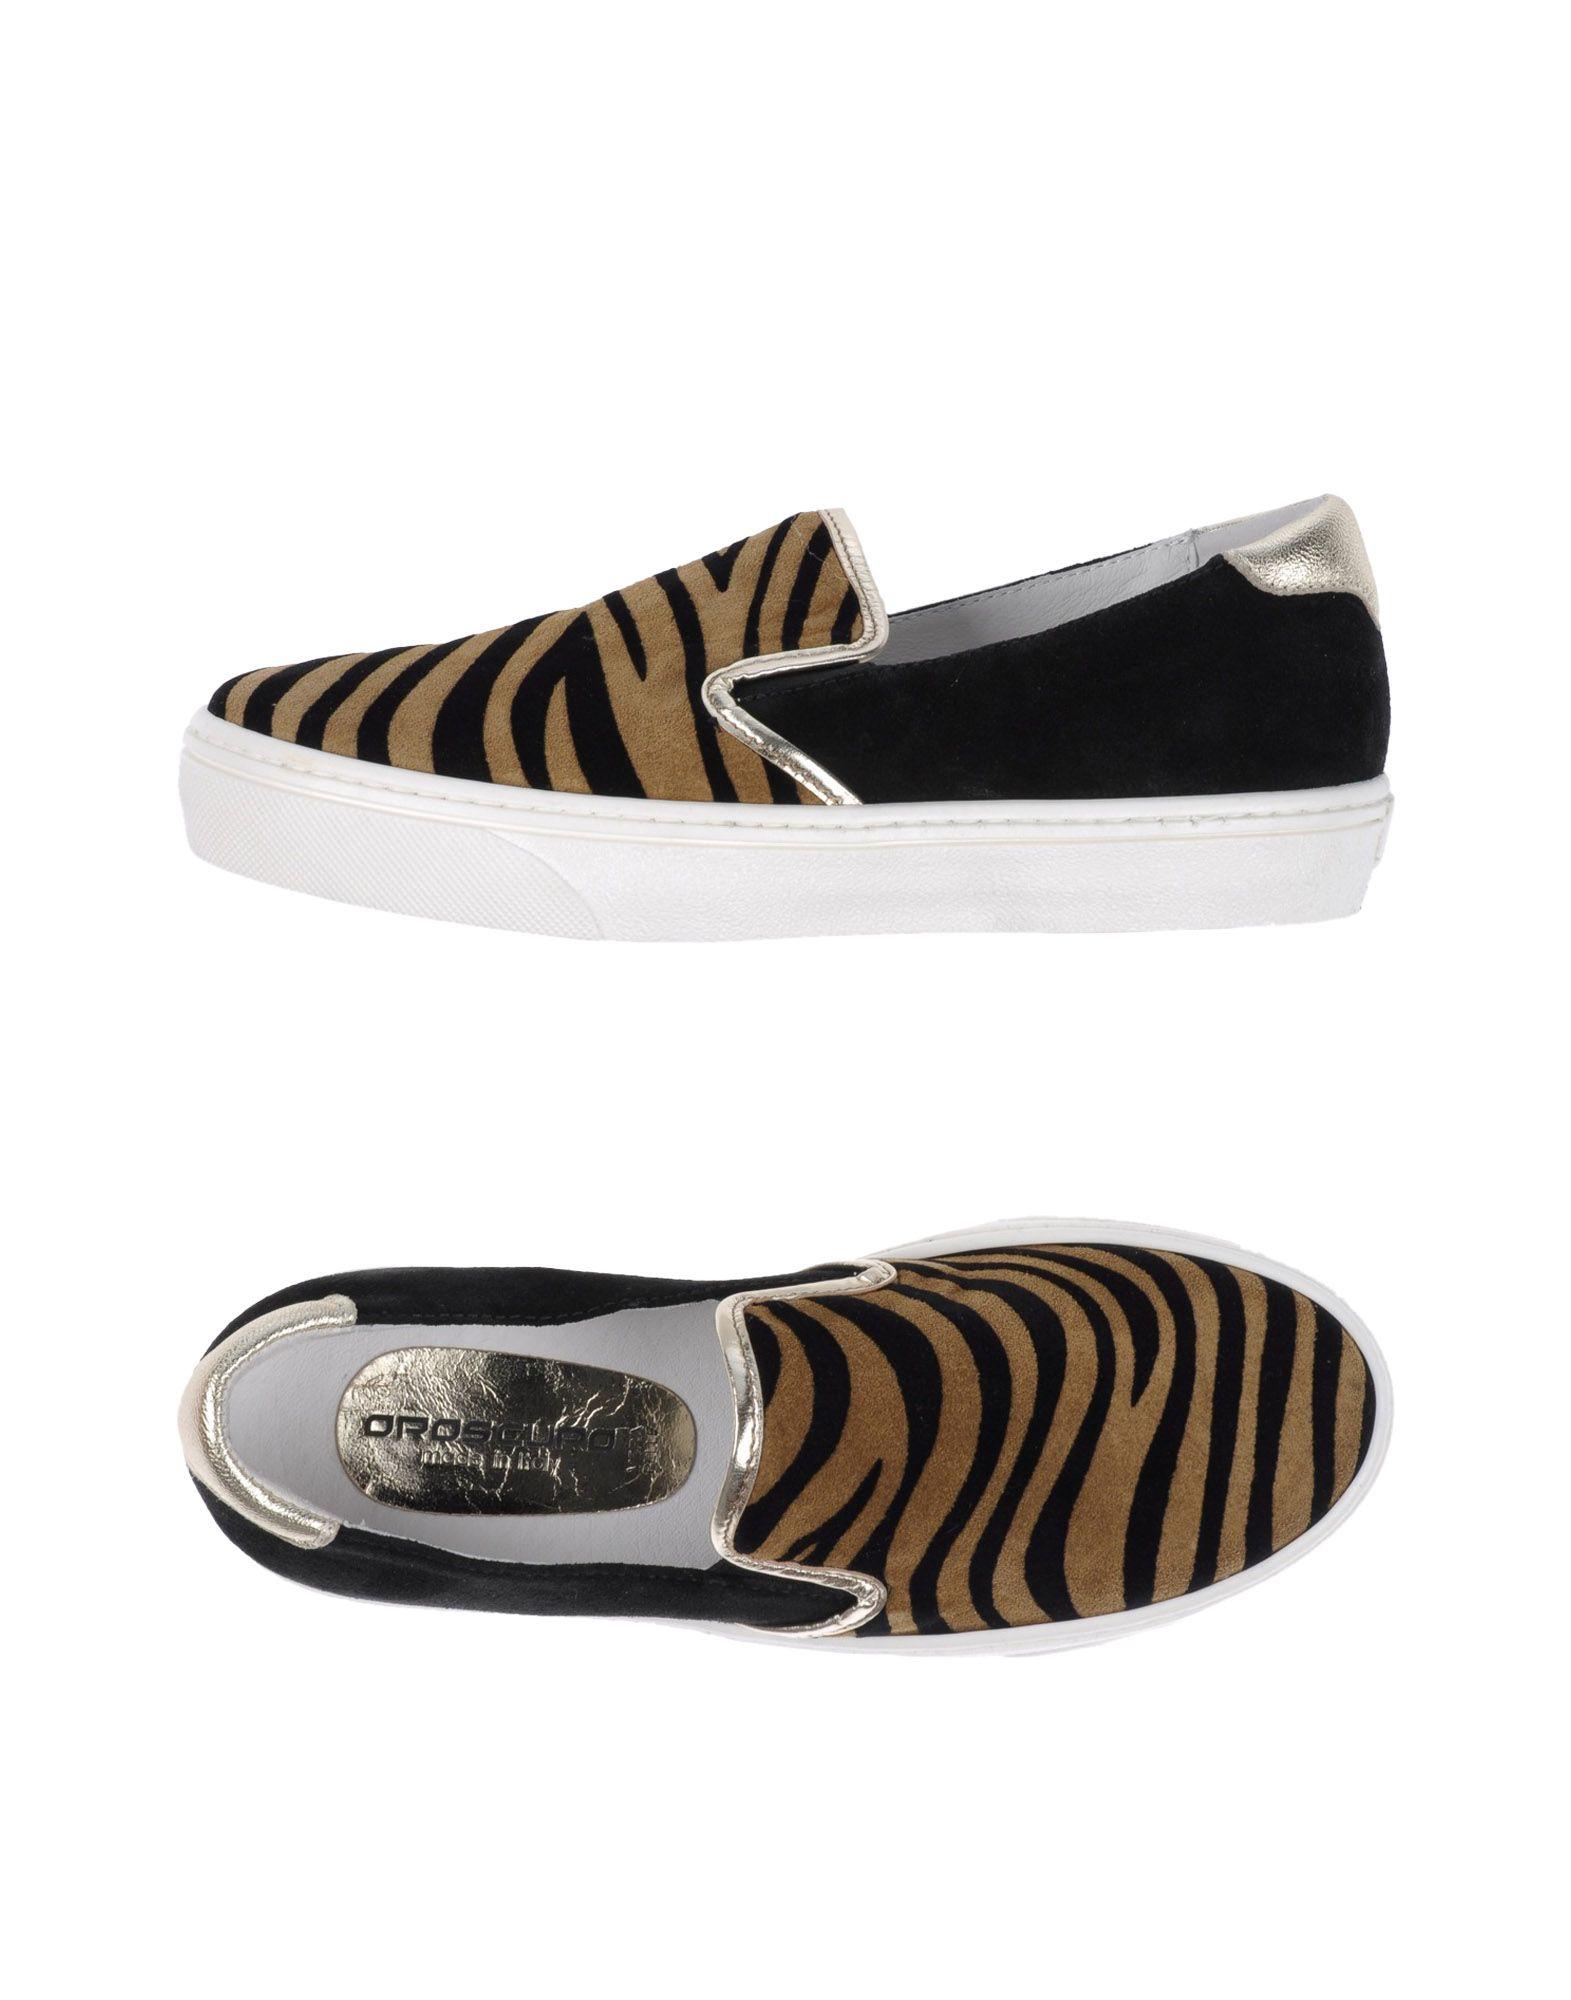 Scarpe economiche e resistenti Sneakers Oroscuro Donna - 11156338KV